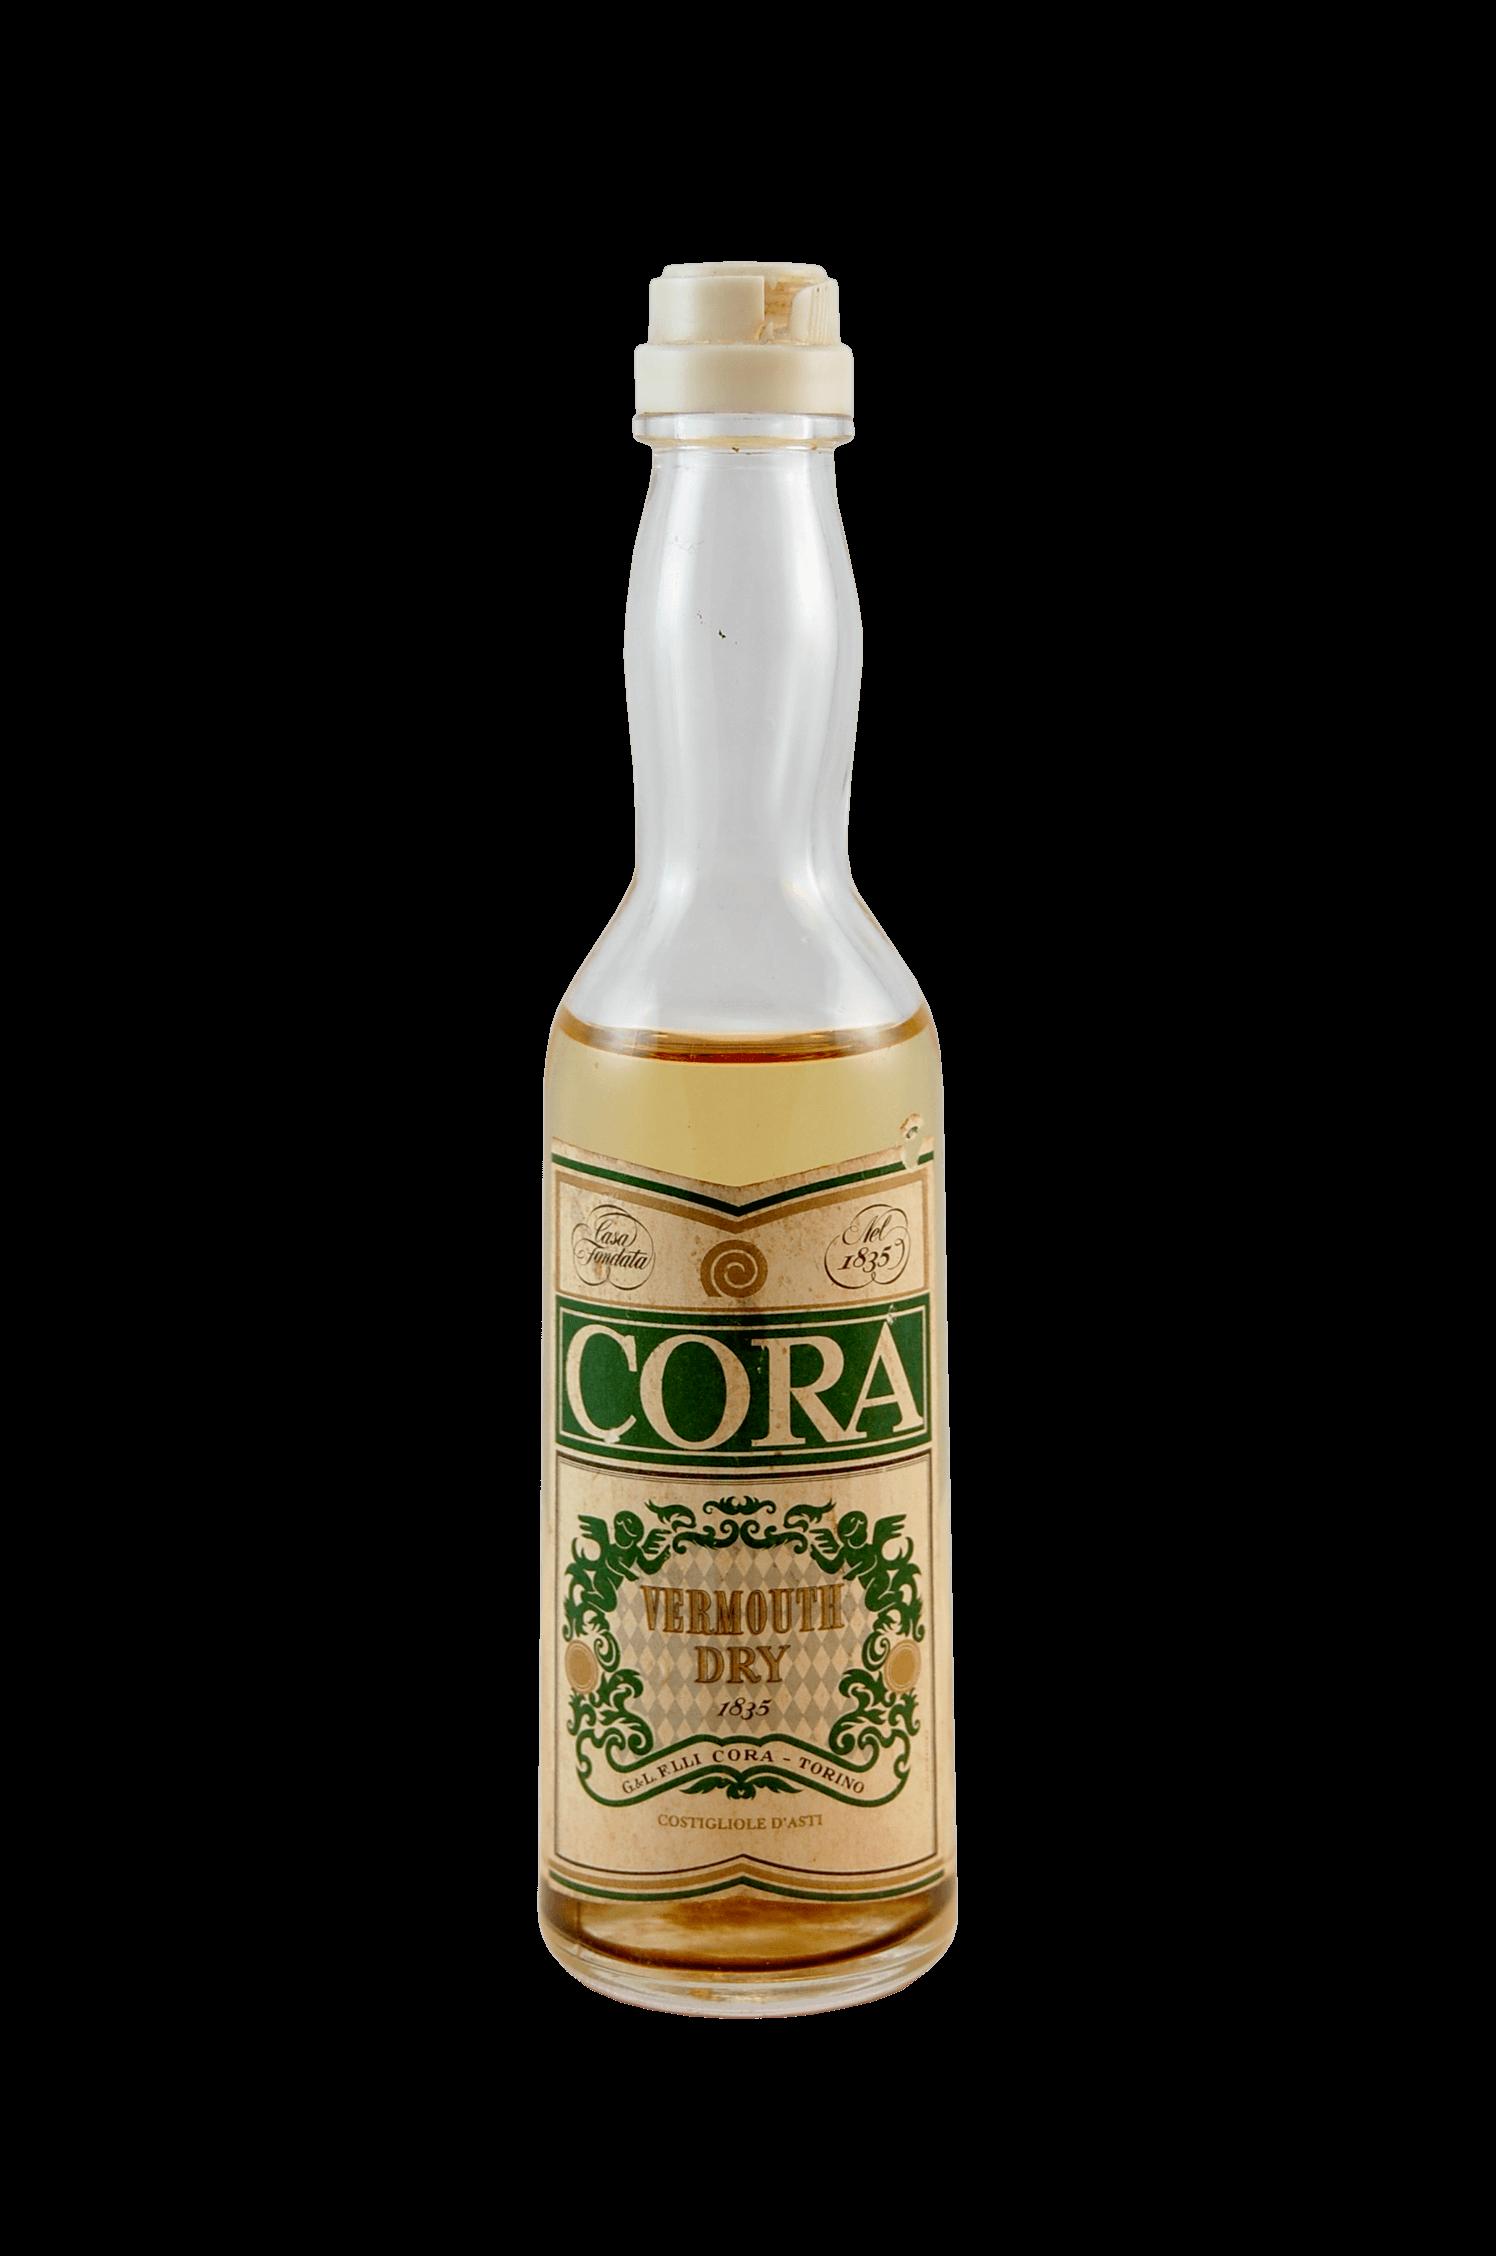 Cora Vermouth Dry